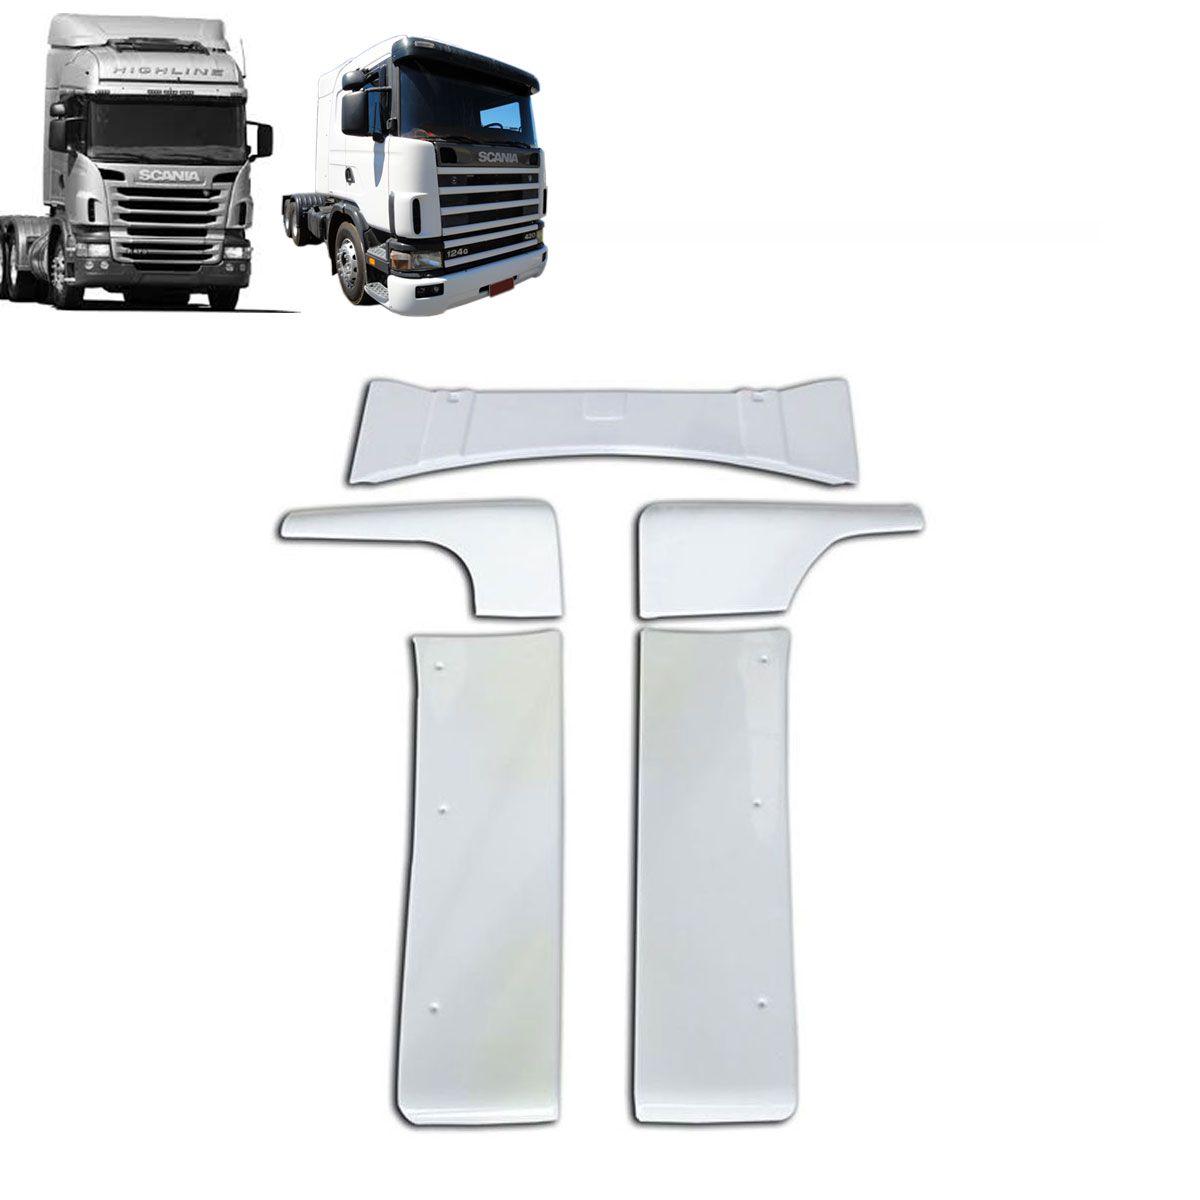 Laterais Cegonheiro com Teto Compatível com o Caminhão Scania S 4 / S 5 Cabine G sem Filtro